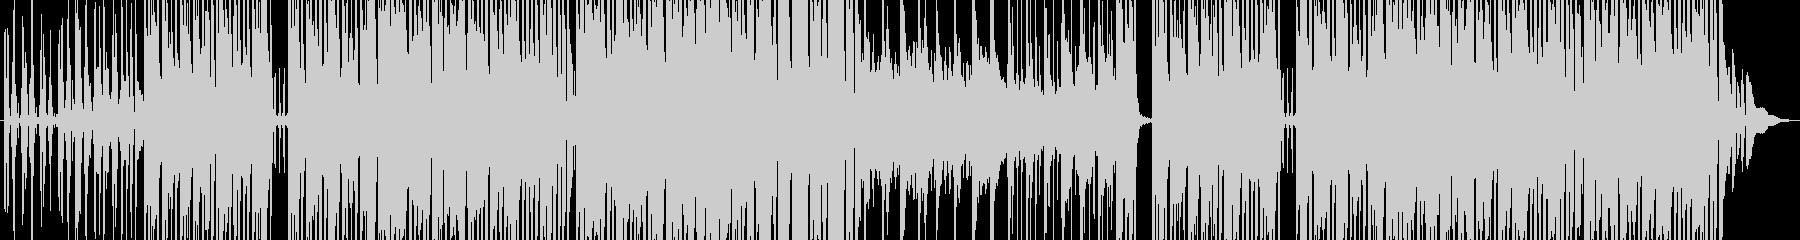 映像用口笛が楽しい軽快なカントリーの未再生の波形